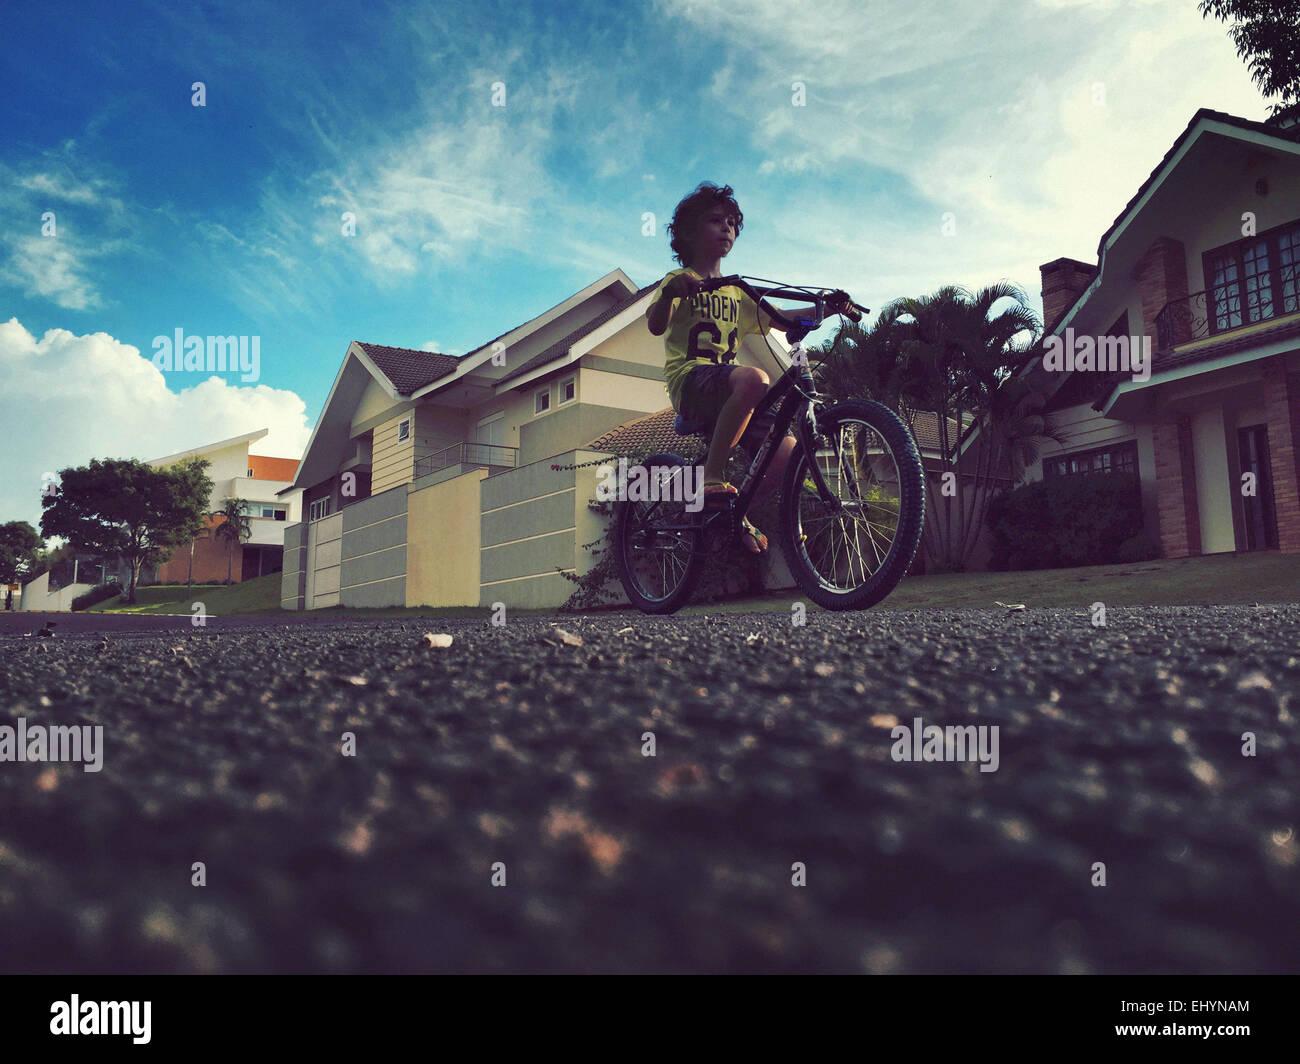 Basso angolo di visione di un ragazzo in bicicletta Immagini Stock